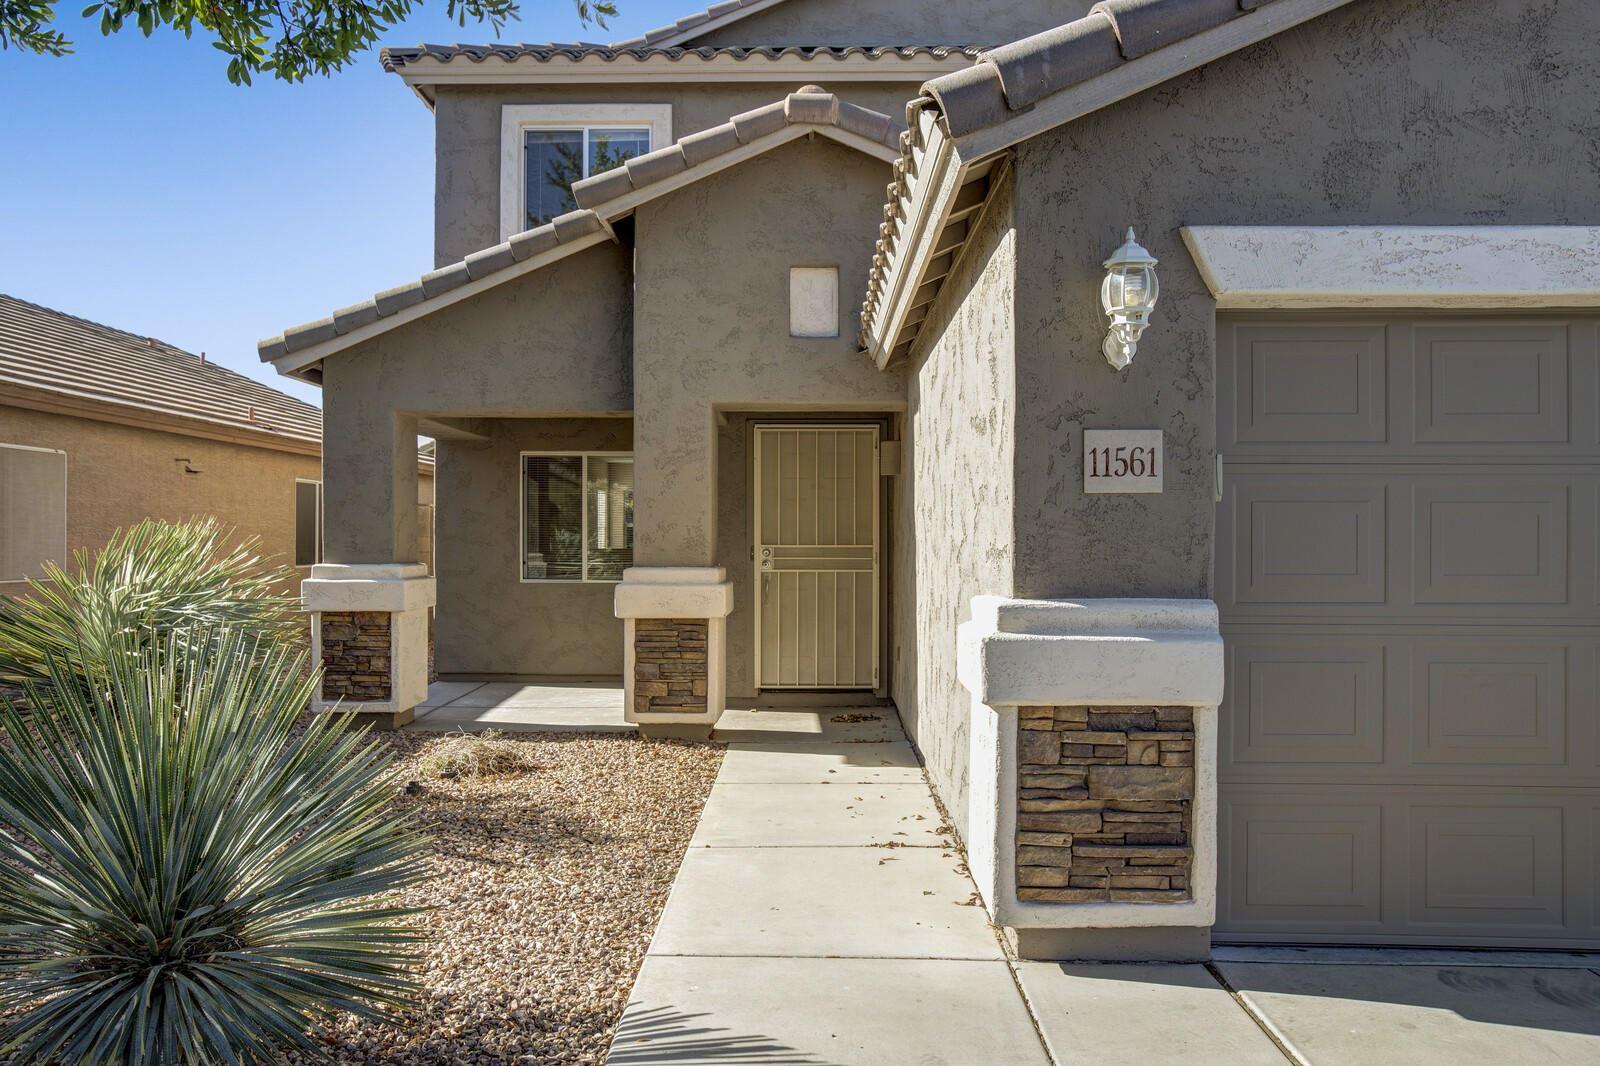 Photo of 11561 W VOGEL Avenue, Youngtown, AZ 85363 (MLS # 6219504)